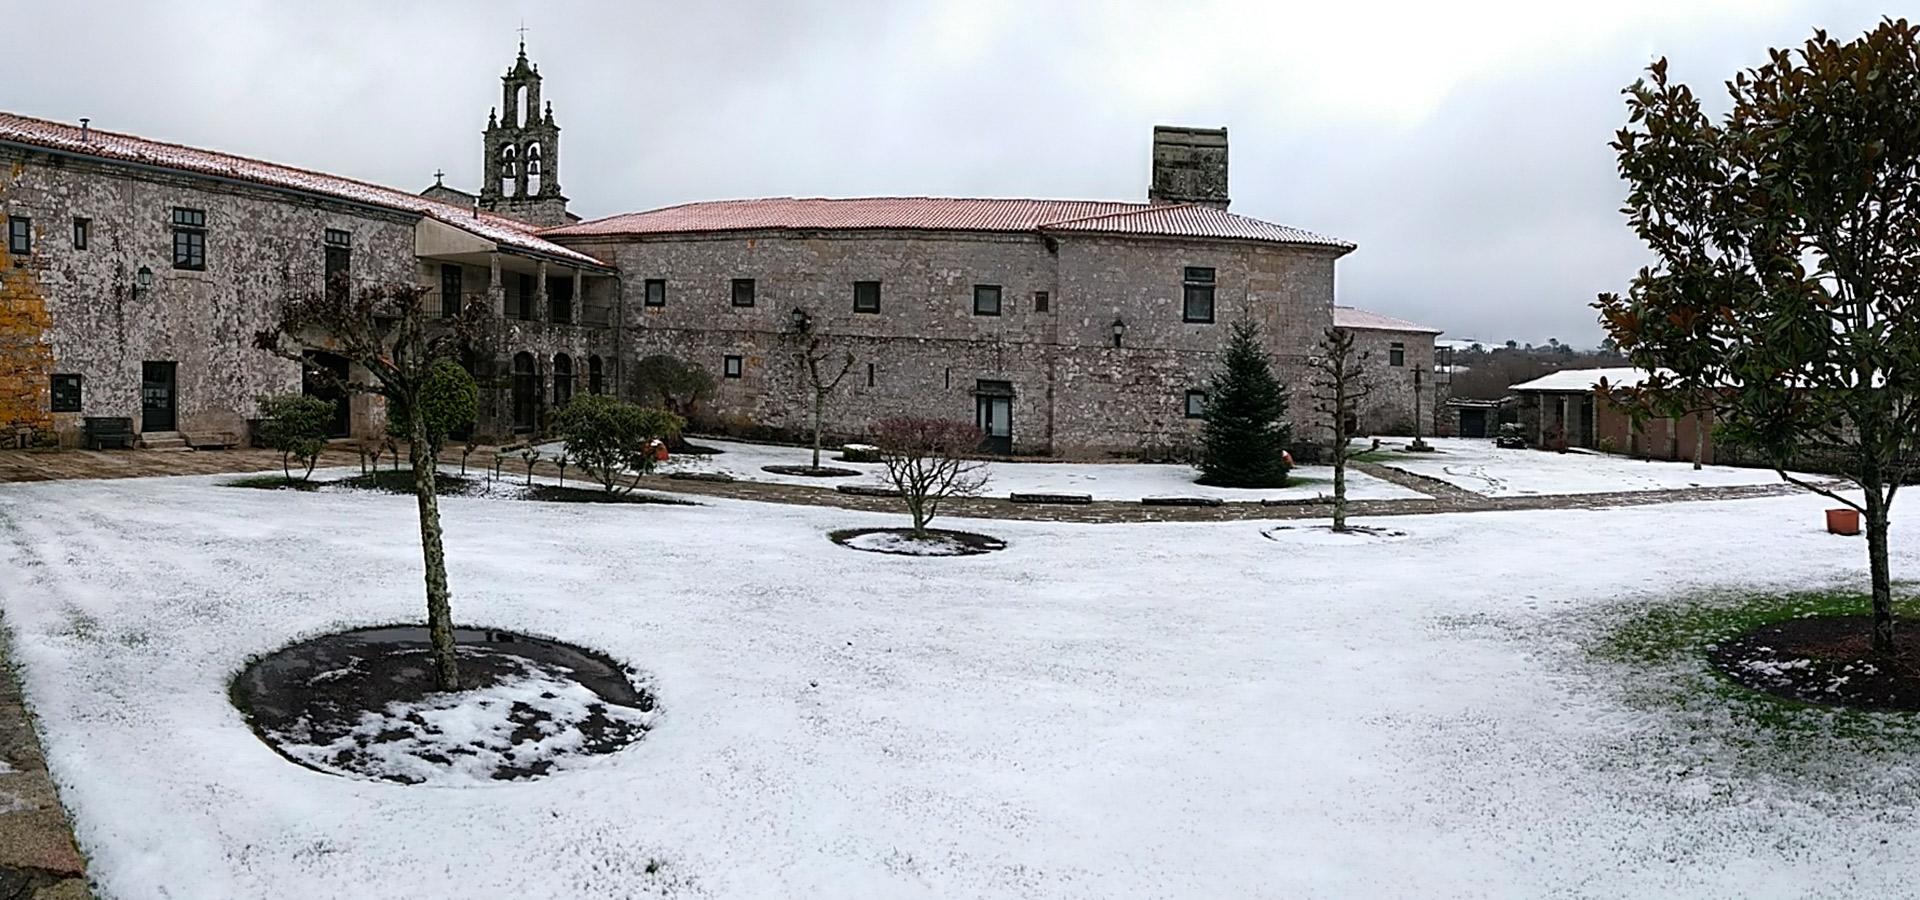 Amigos do Mosteiro de Aciveiro e Terras de Montes